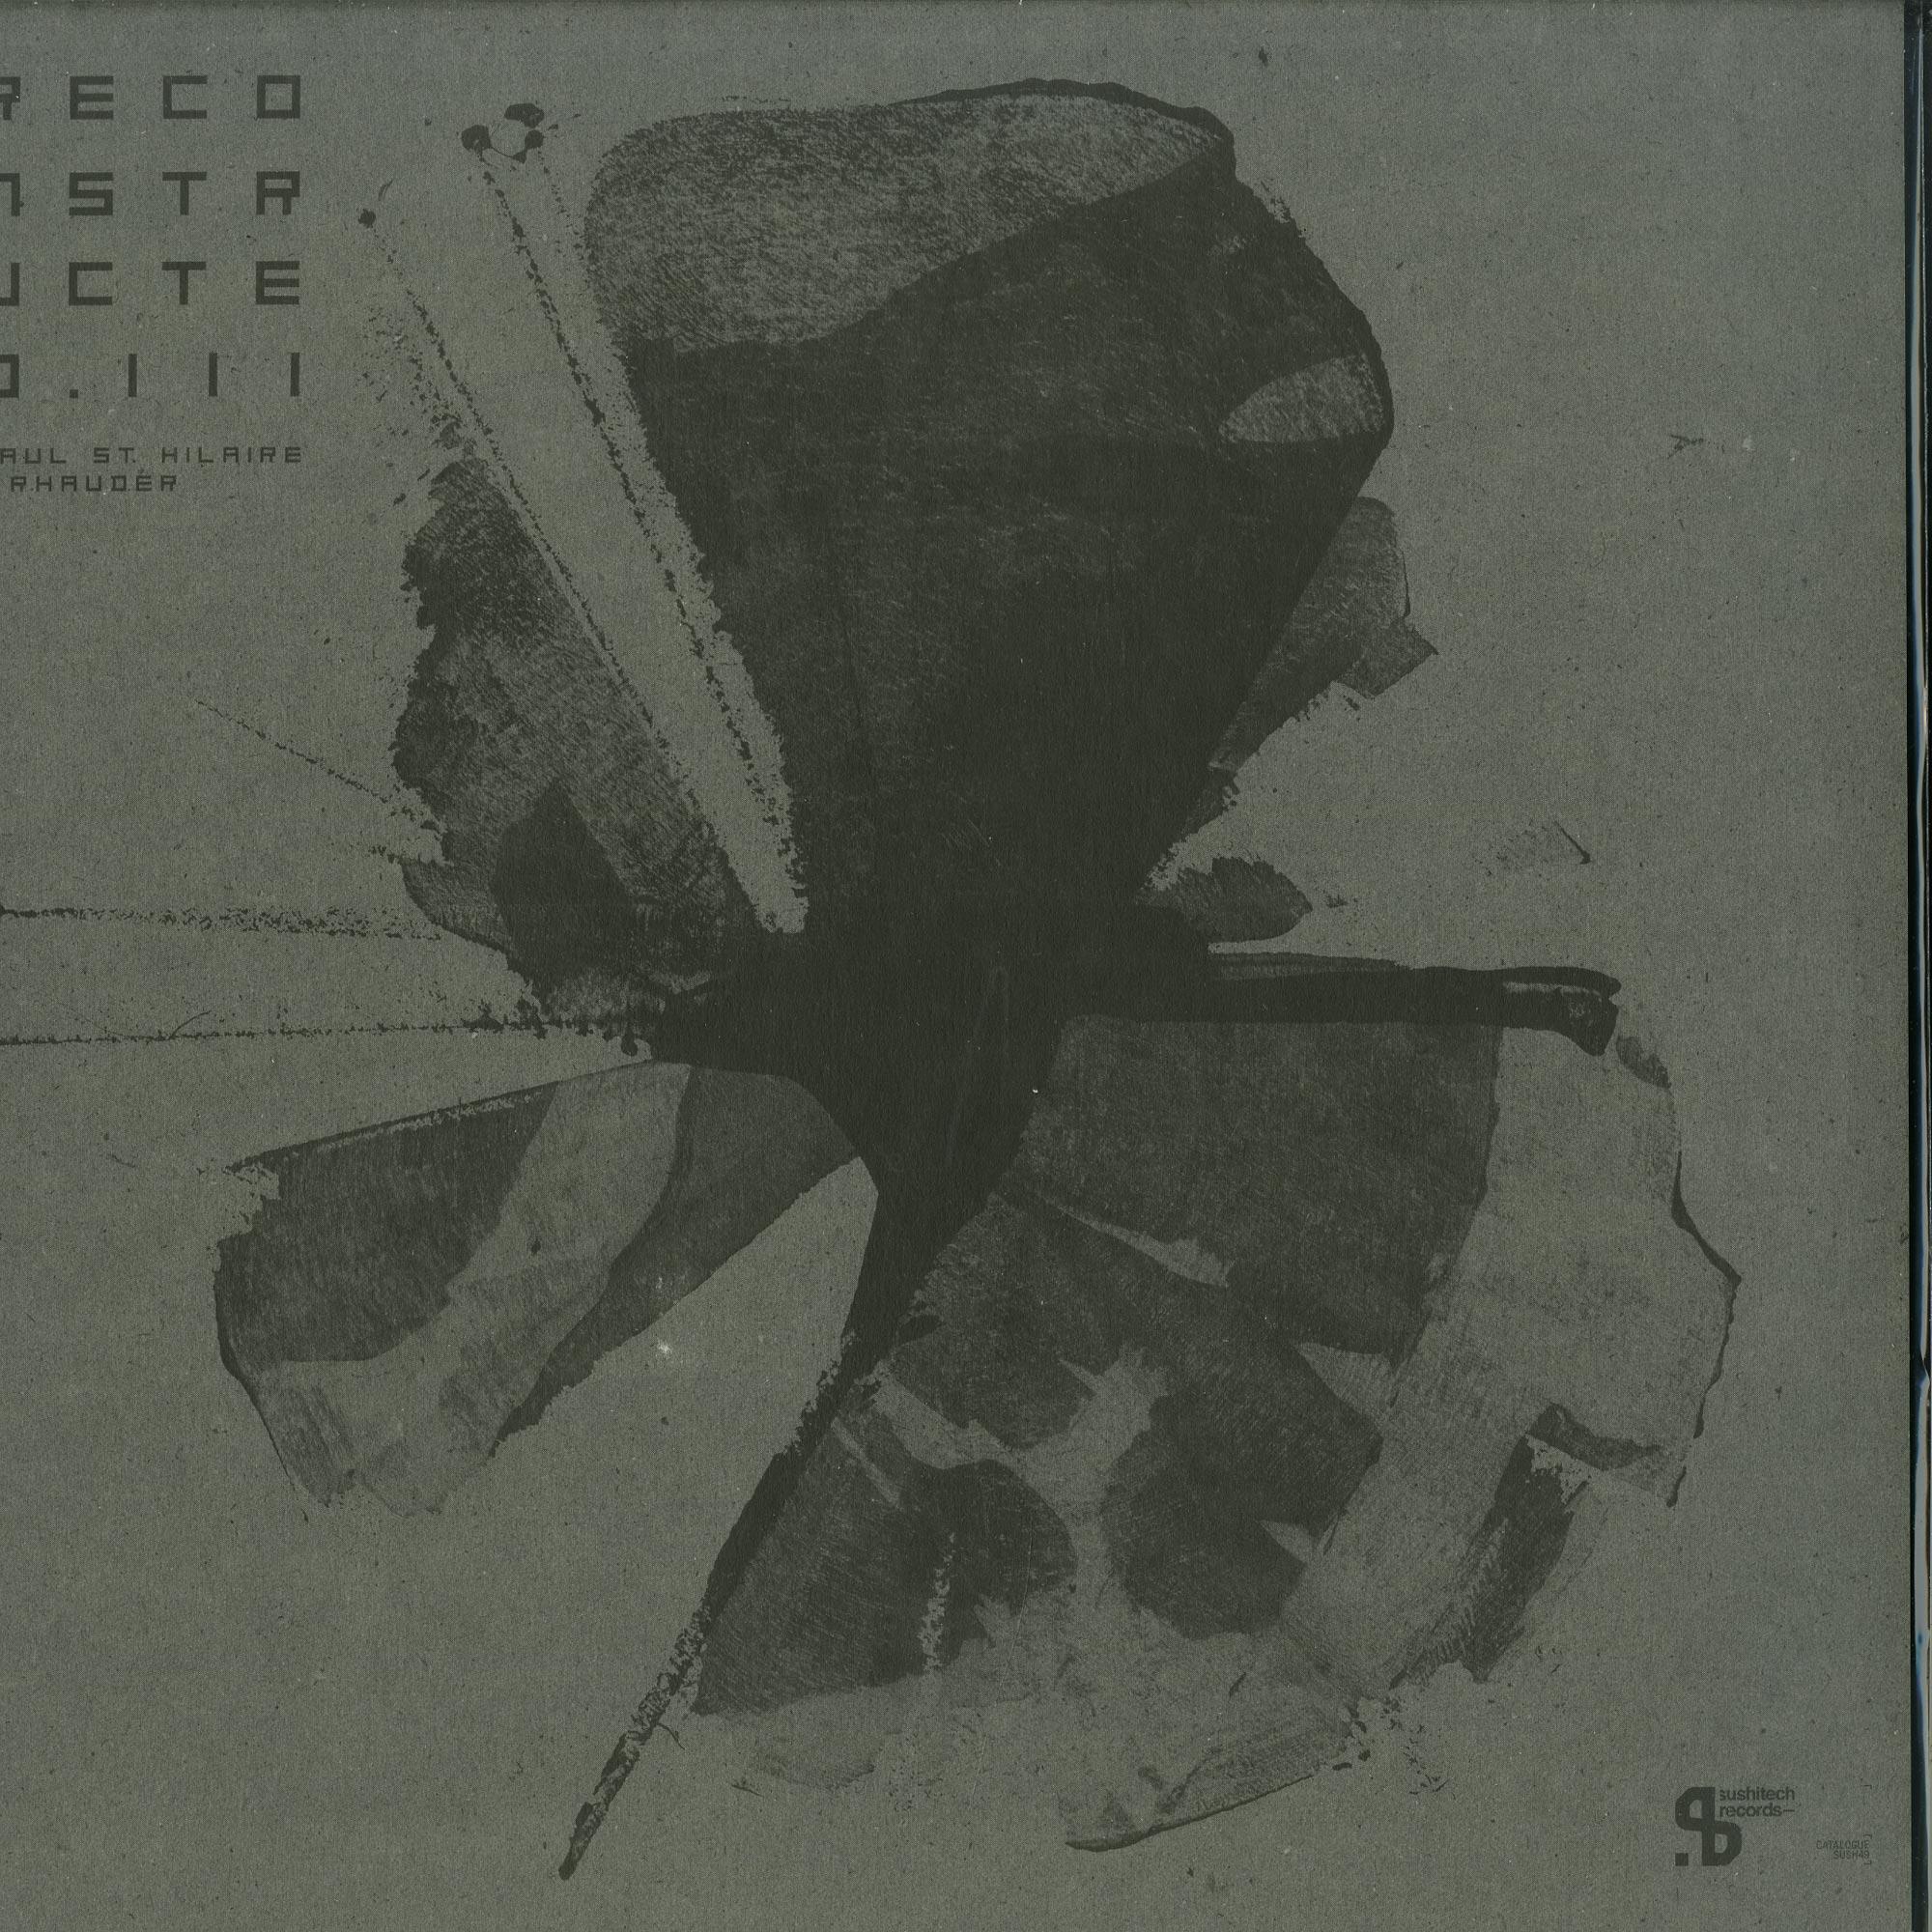 Paul St. Hilaire & Rhauder - RECONSTRUCTED III